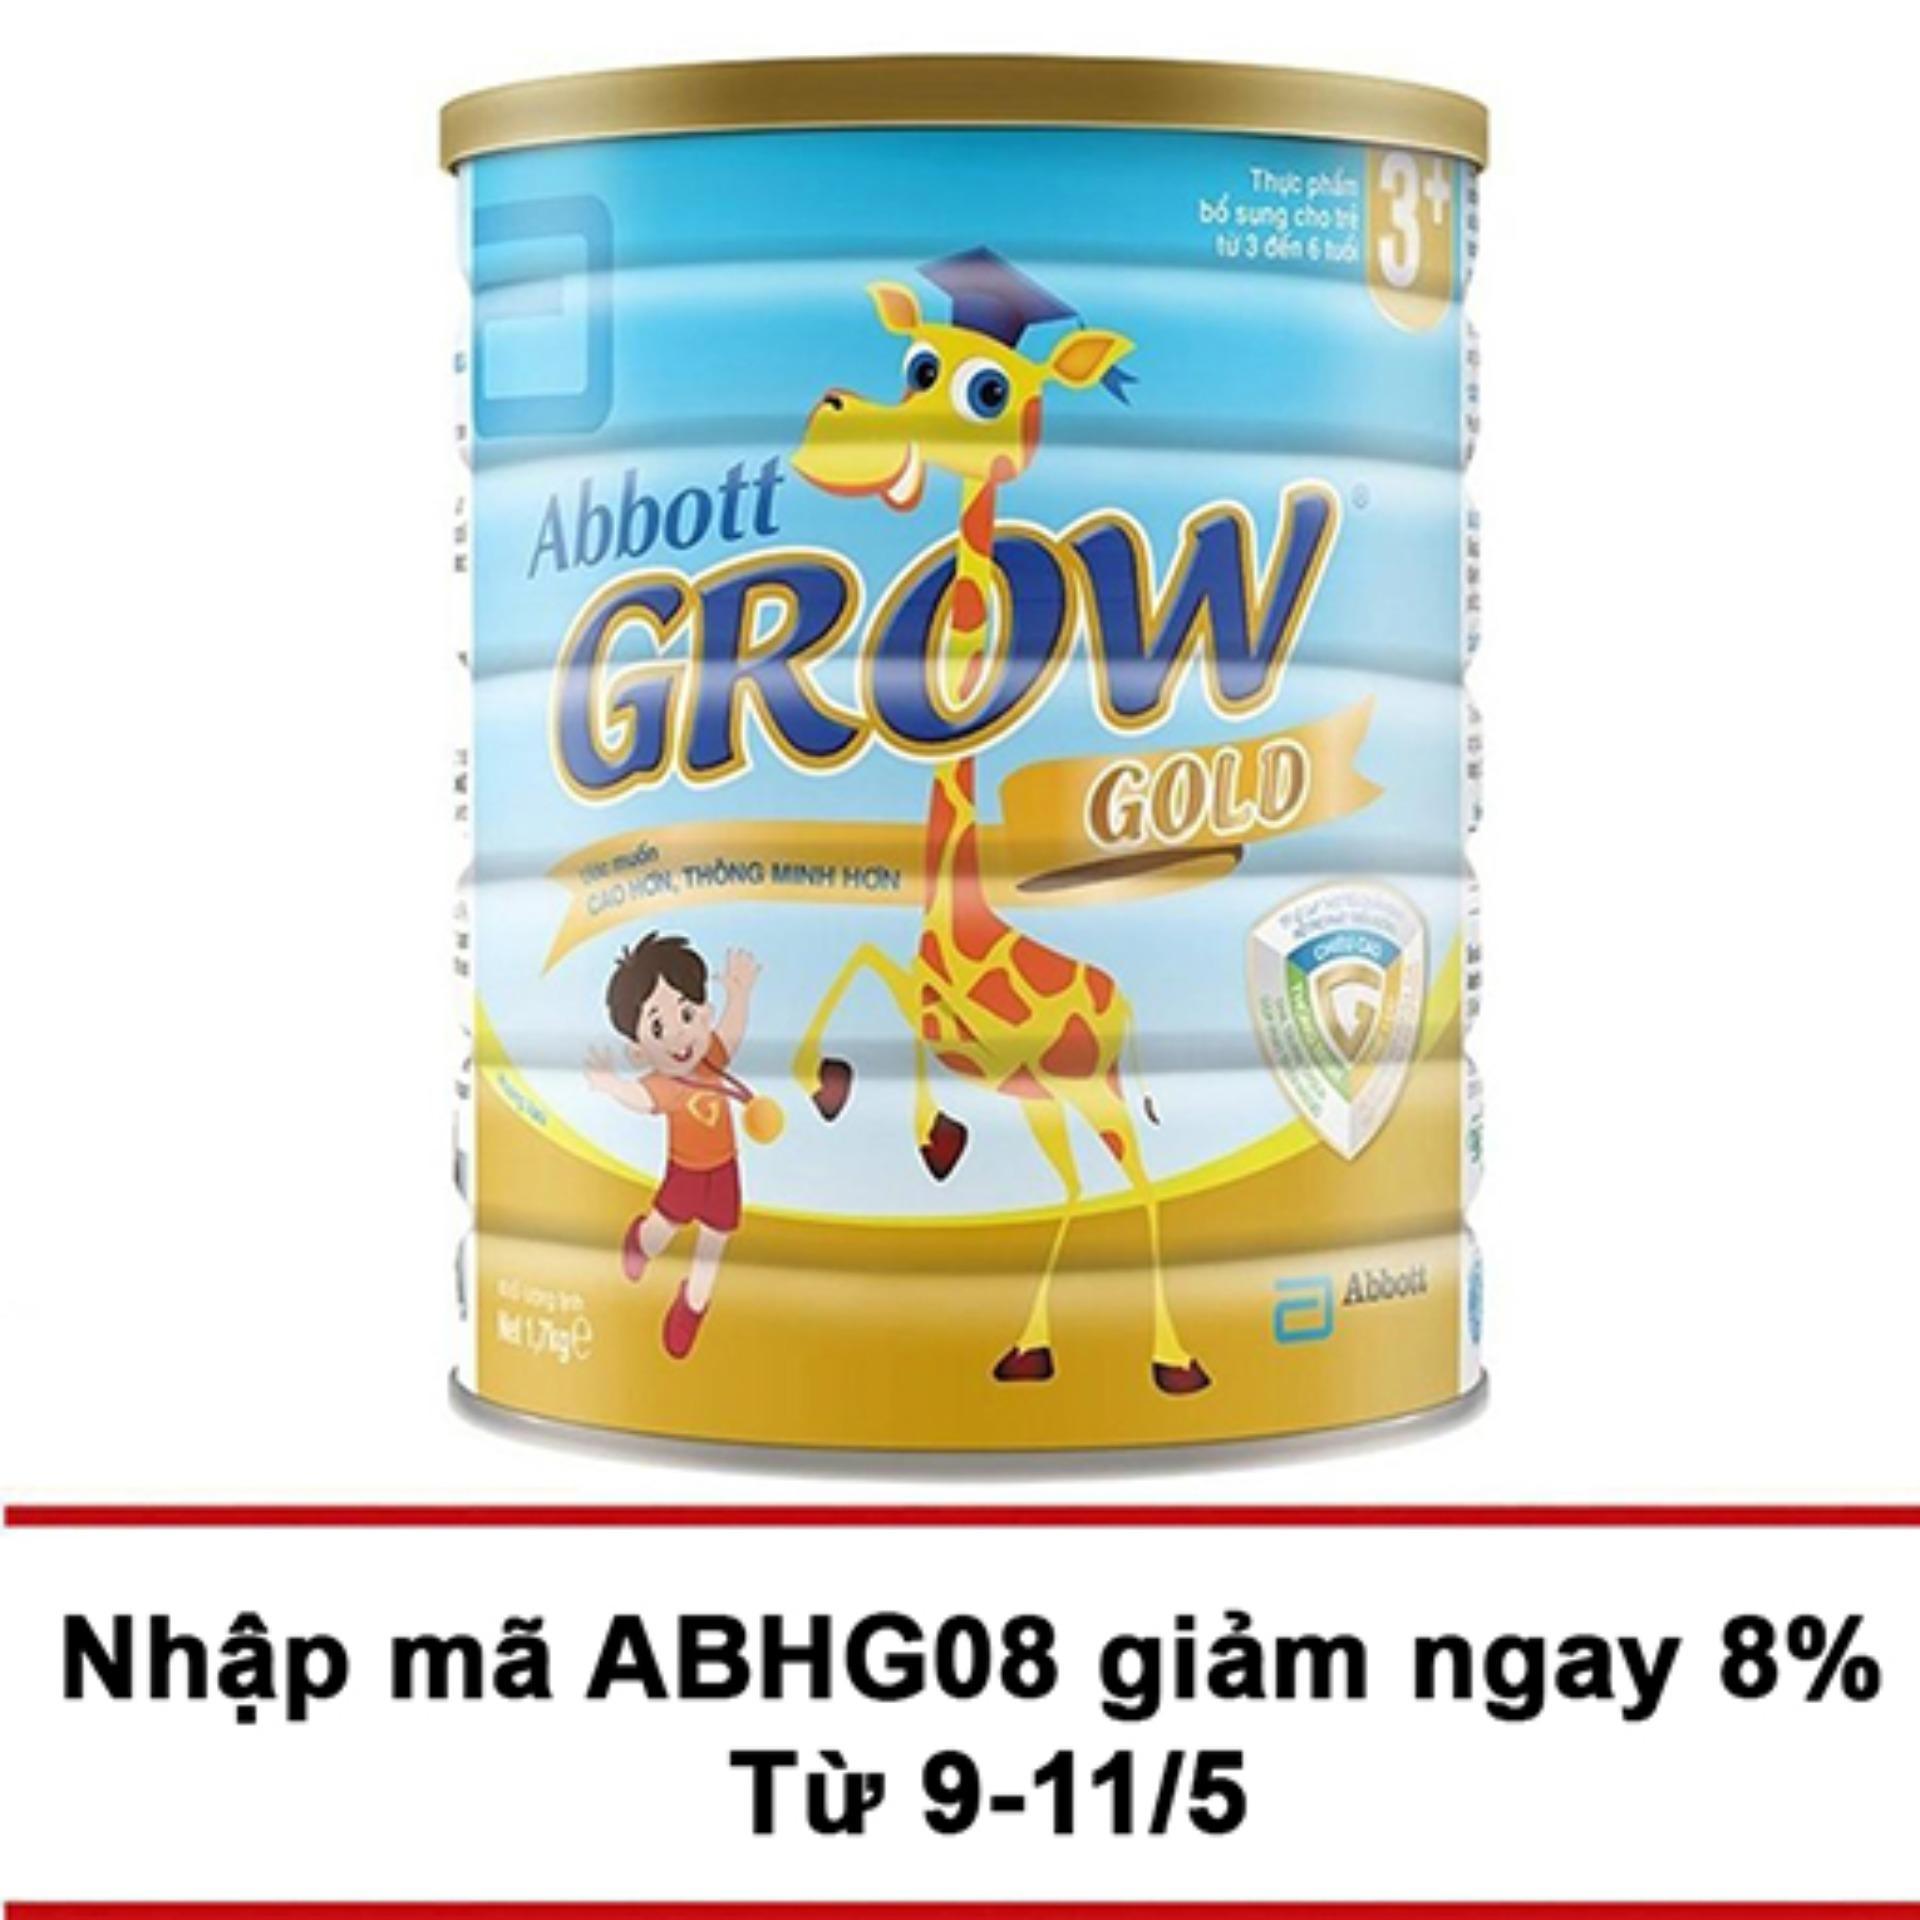 Ôn Tập Sữa Bột Abbott Grow Gold 3 Hương Vani 1 7Kg Mới Nhất